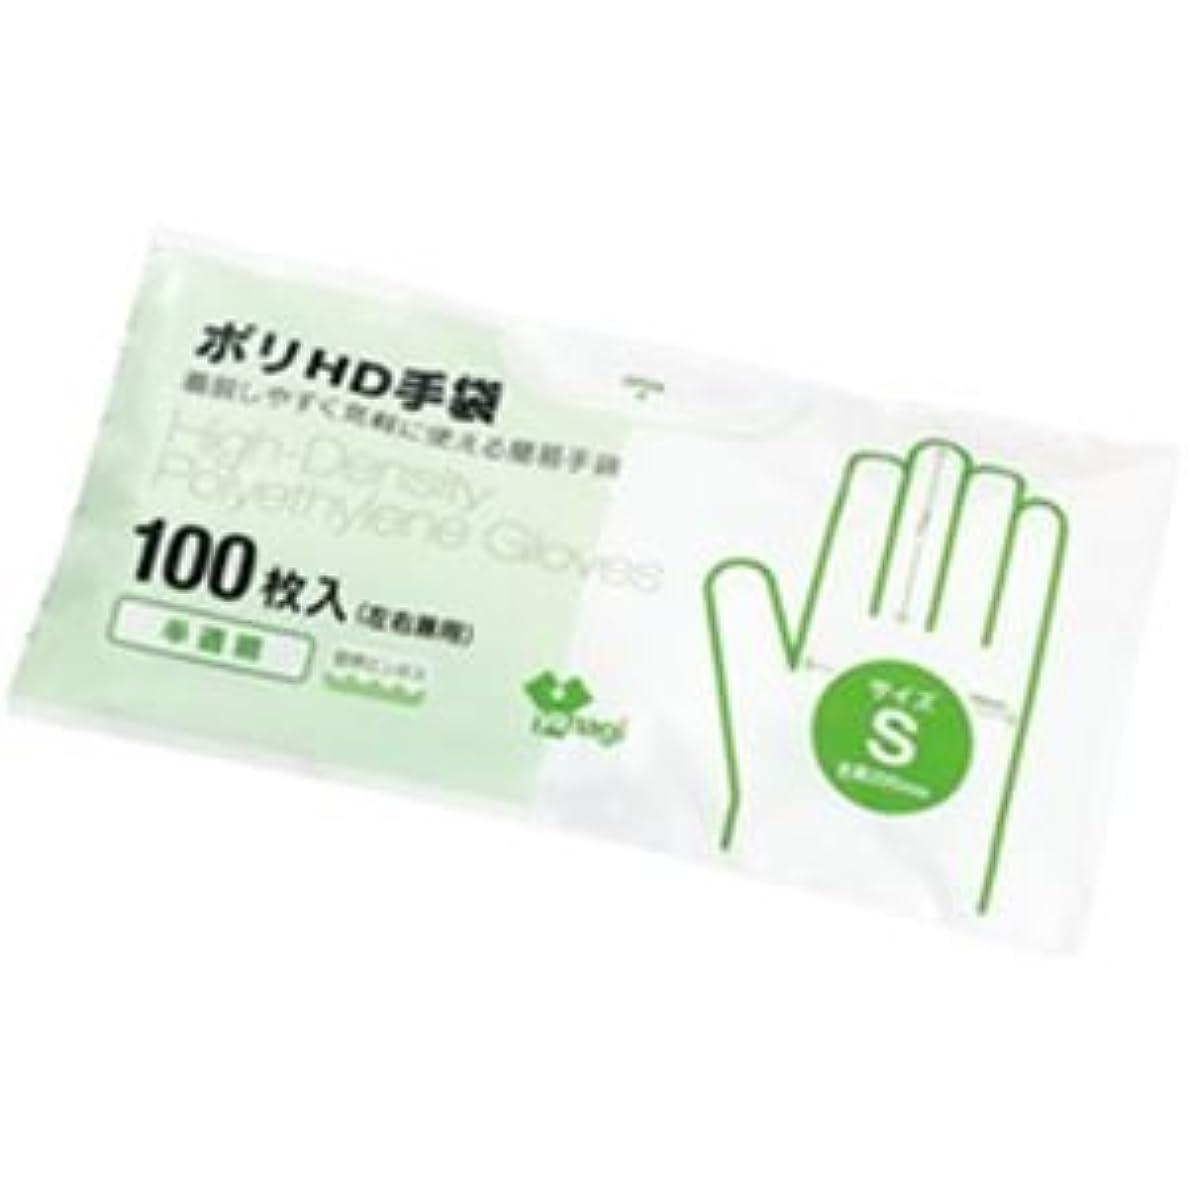 麻酔薬ブルーム線形やなぎプロダクツ 高密度ポリエチレン手袋 S 半透明 1箱(100枚) ×30セット